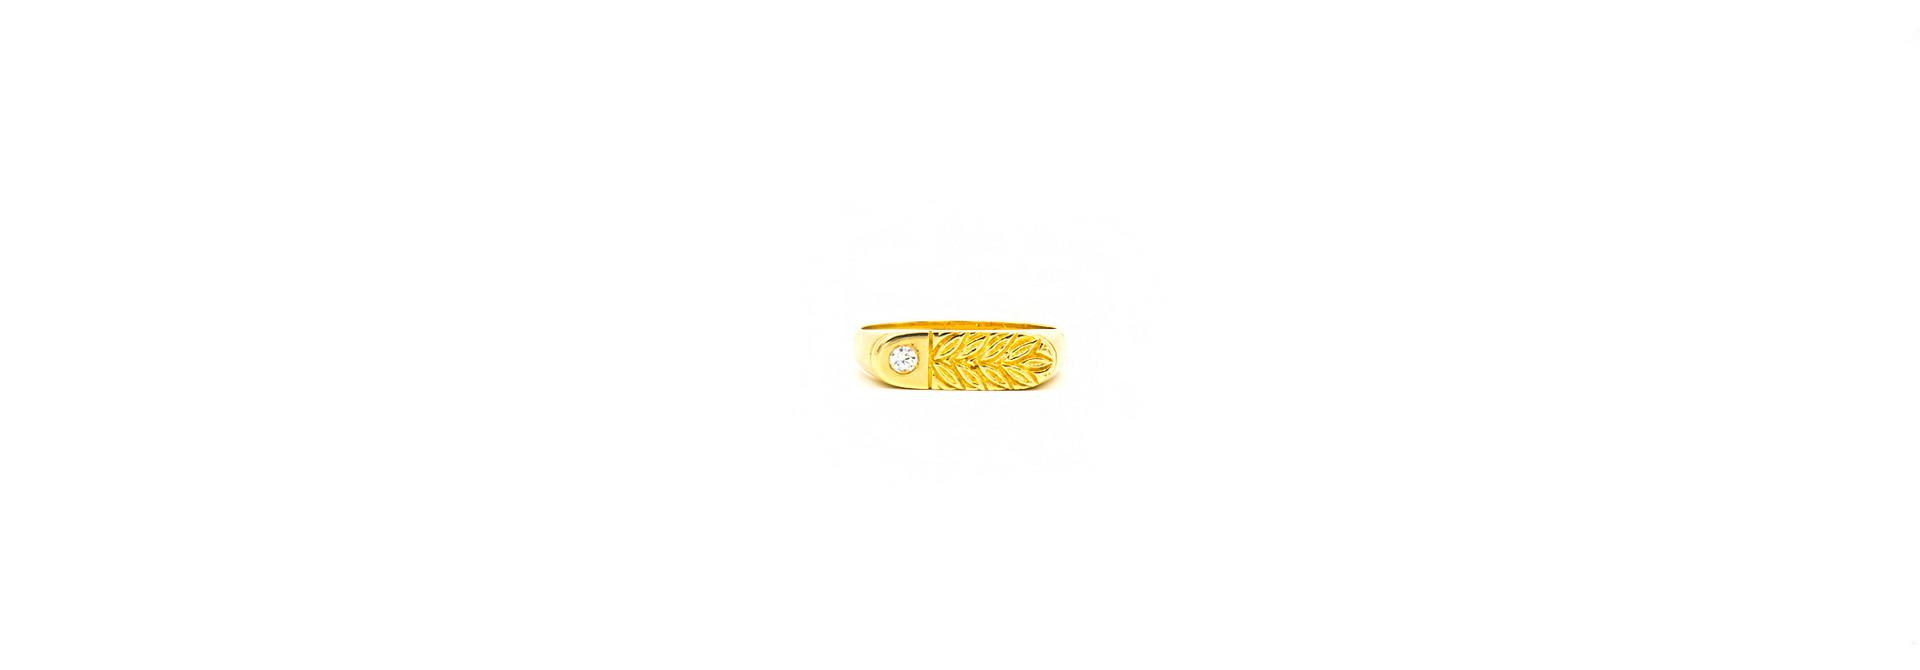 Ring zegel bezet met zirkonia en gegraveerde bladeren